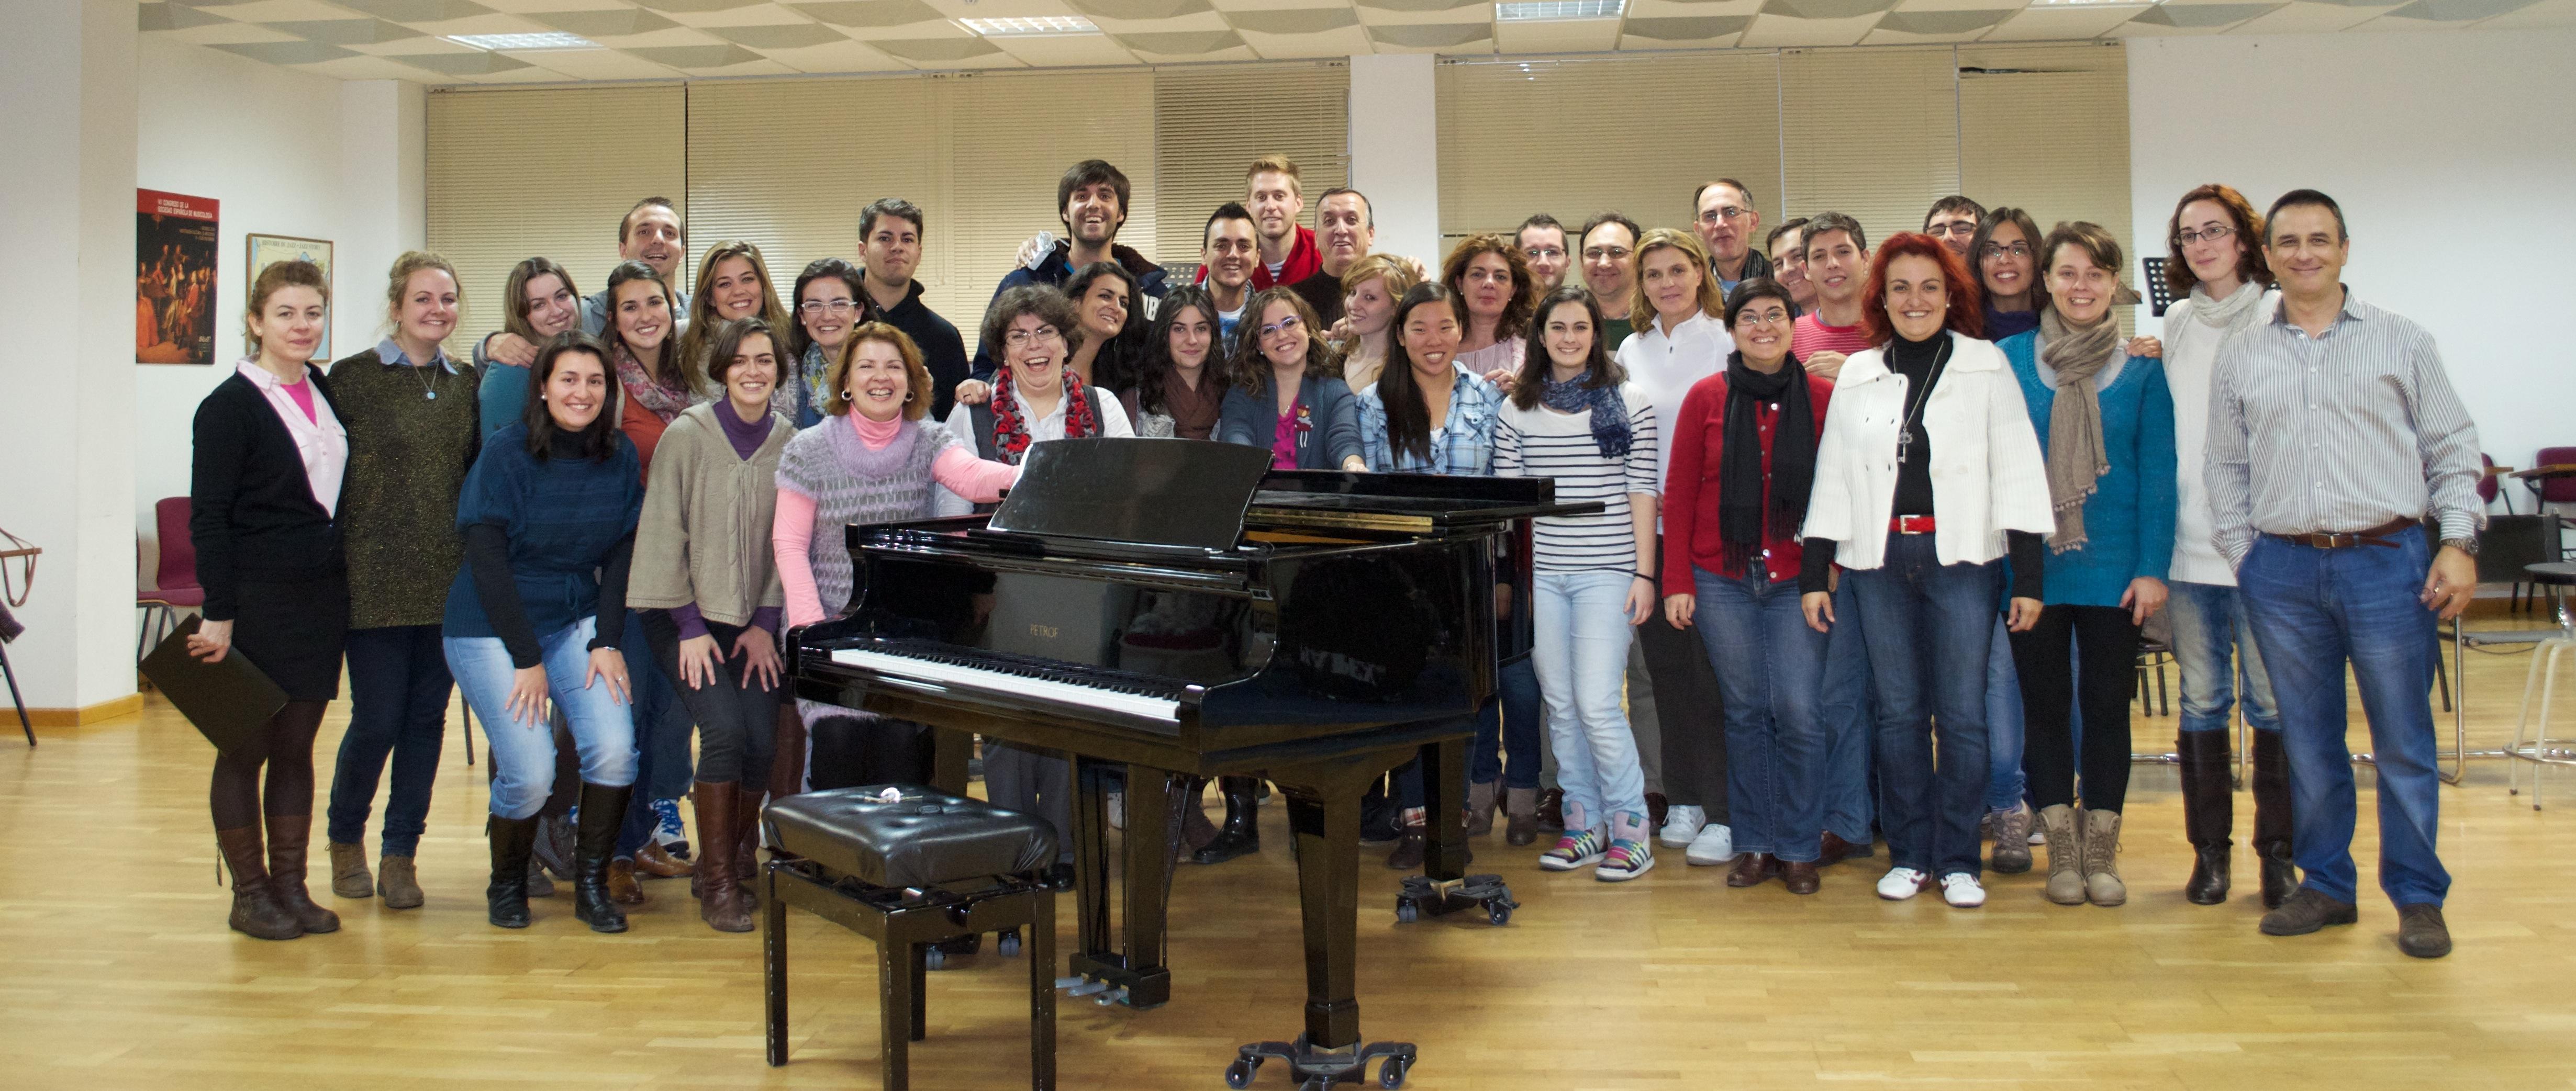 El Coro de la UEX que dirige Fran Rodilla inaugura los XIV Cursos Internacionales de Verano